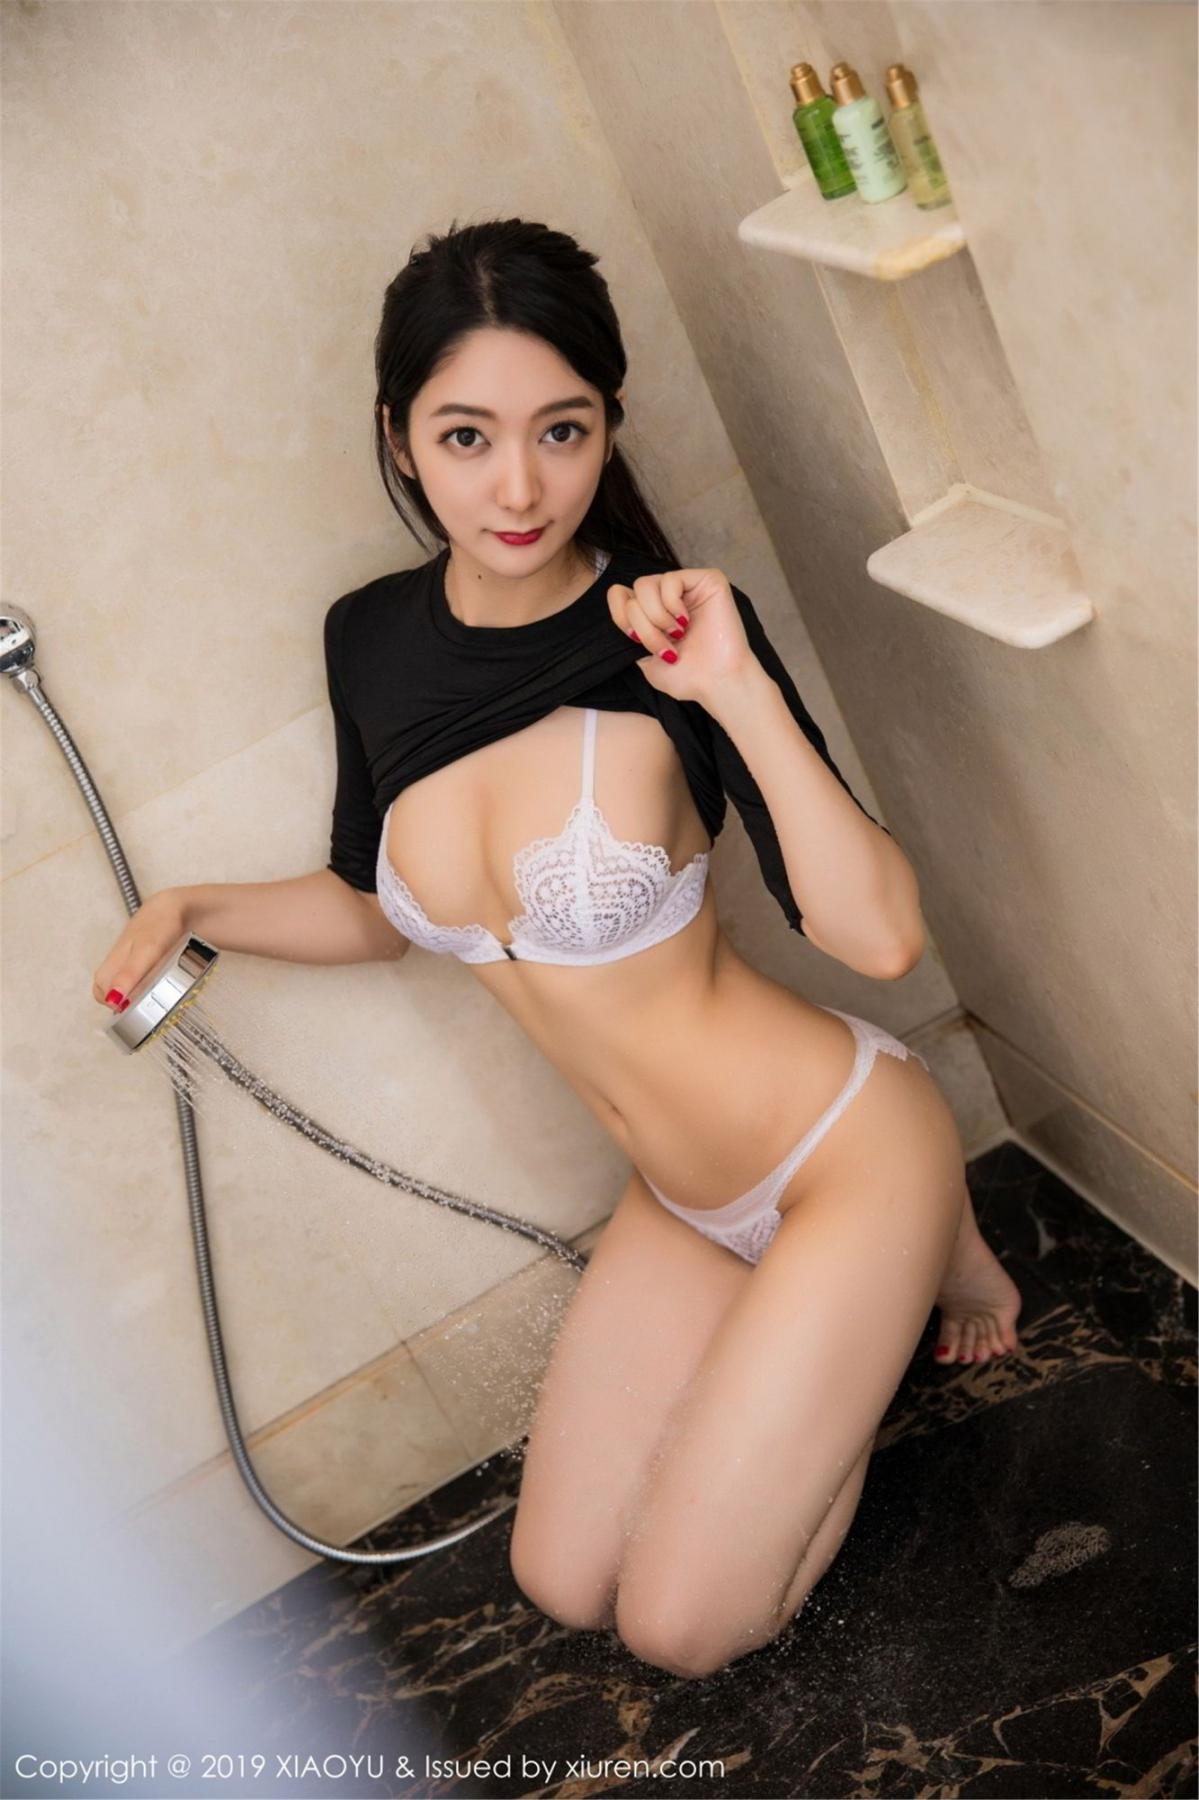 [XiaoYu] Vol.083 Di Yi 29P, Di Yi, Underwear, Wet, XiaoYu